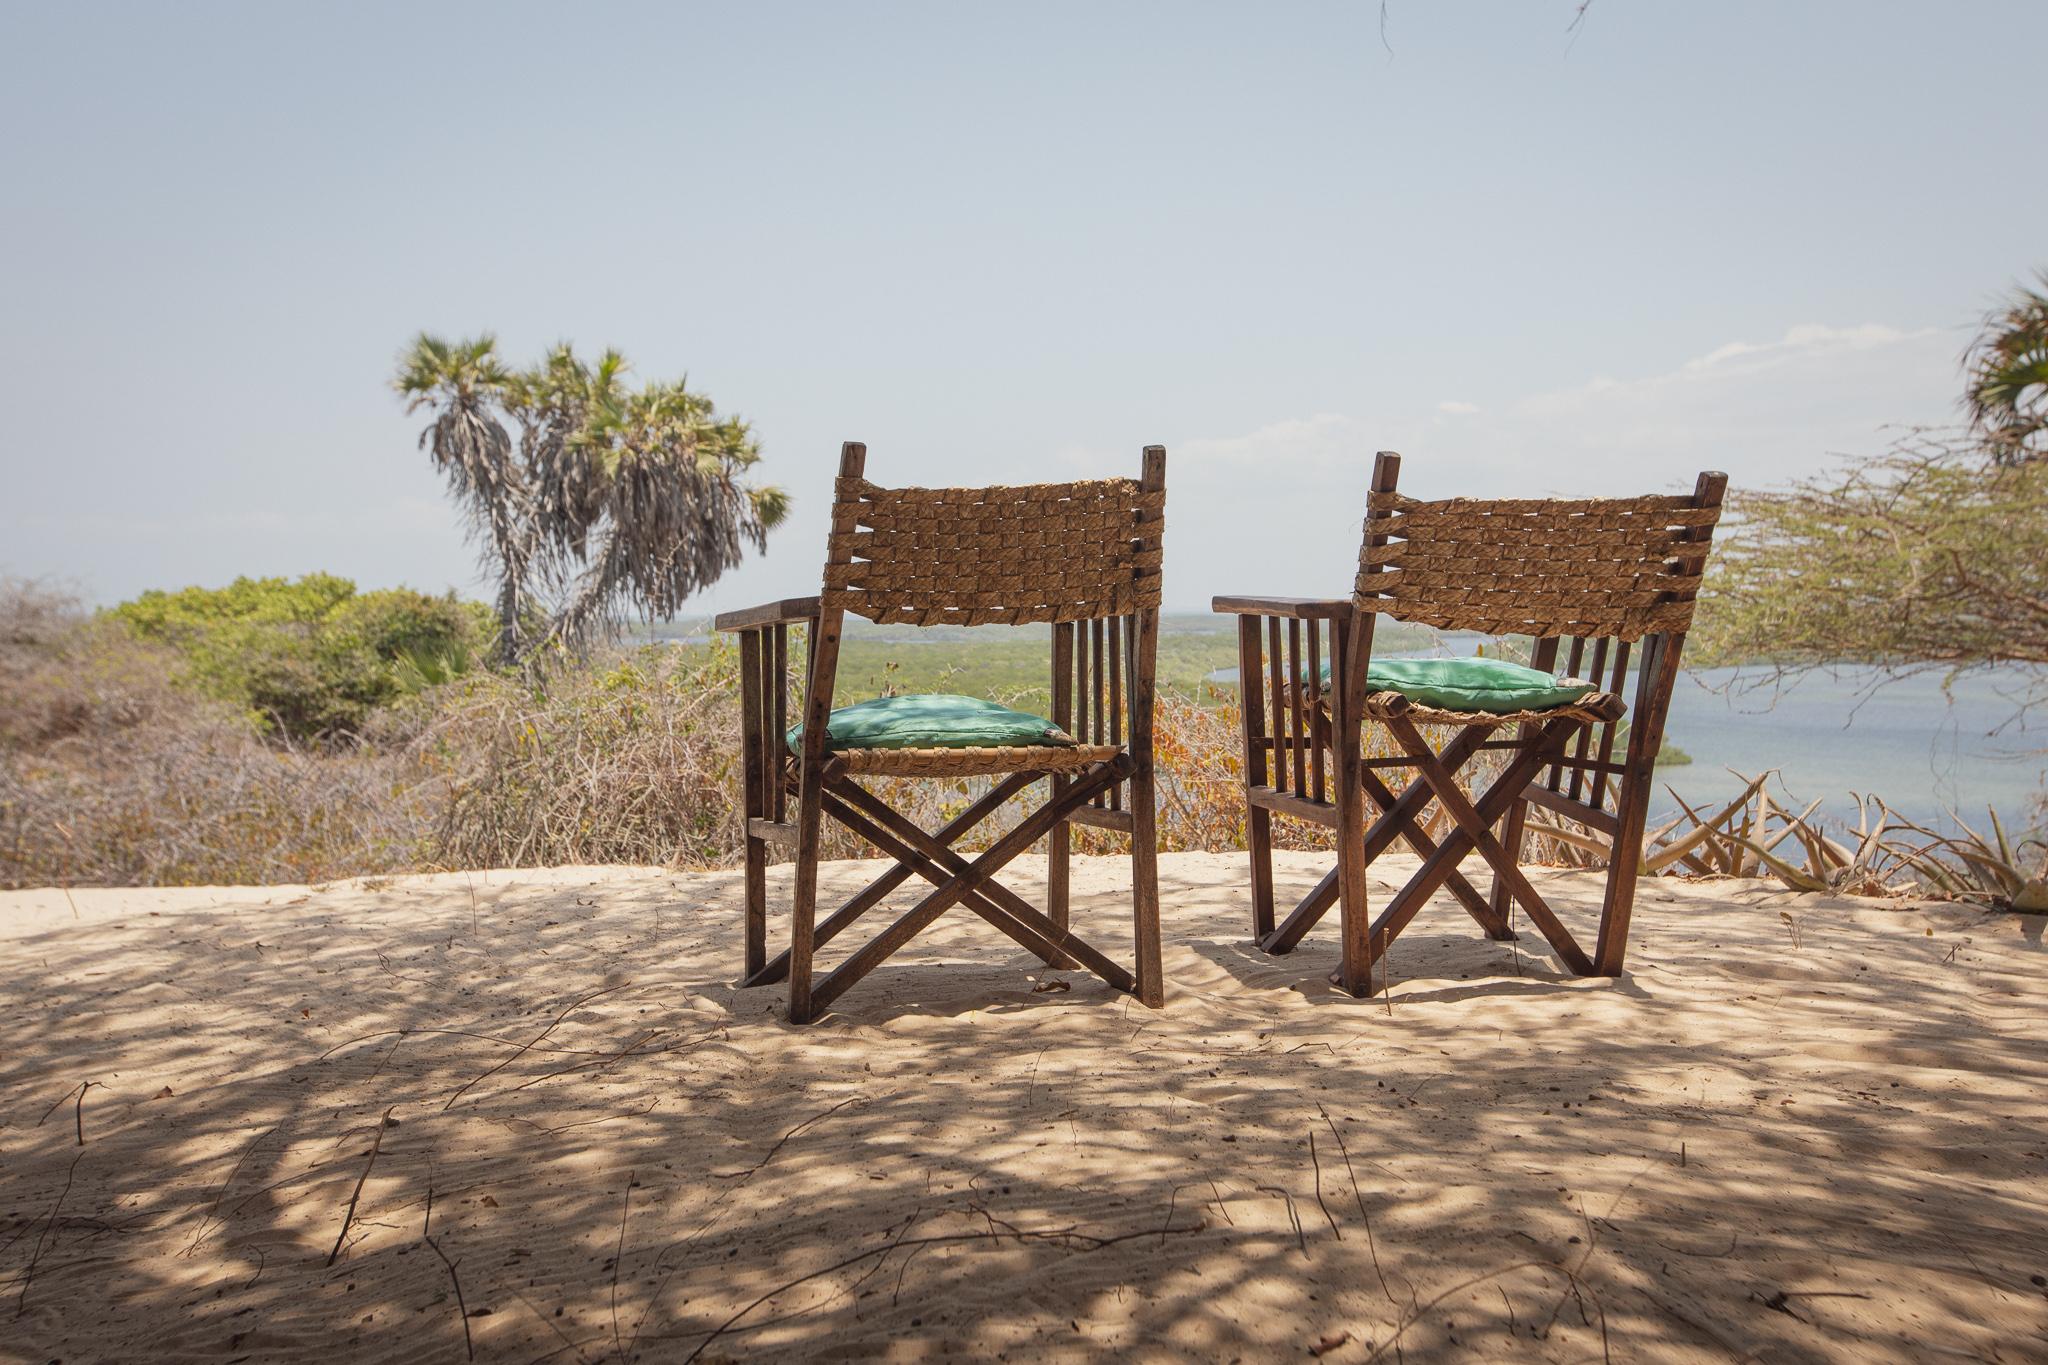 Sankrui chairs